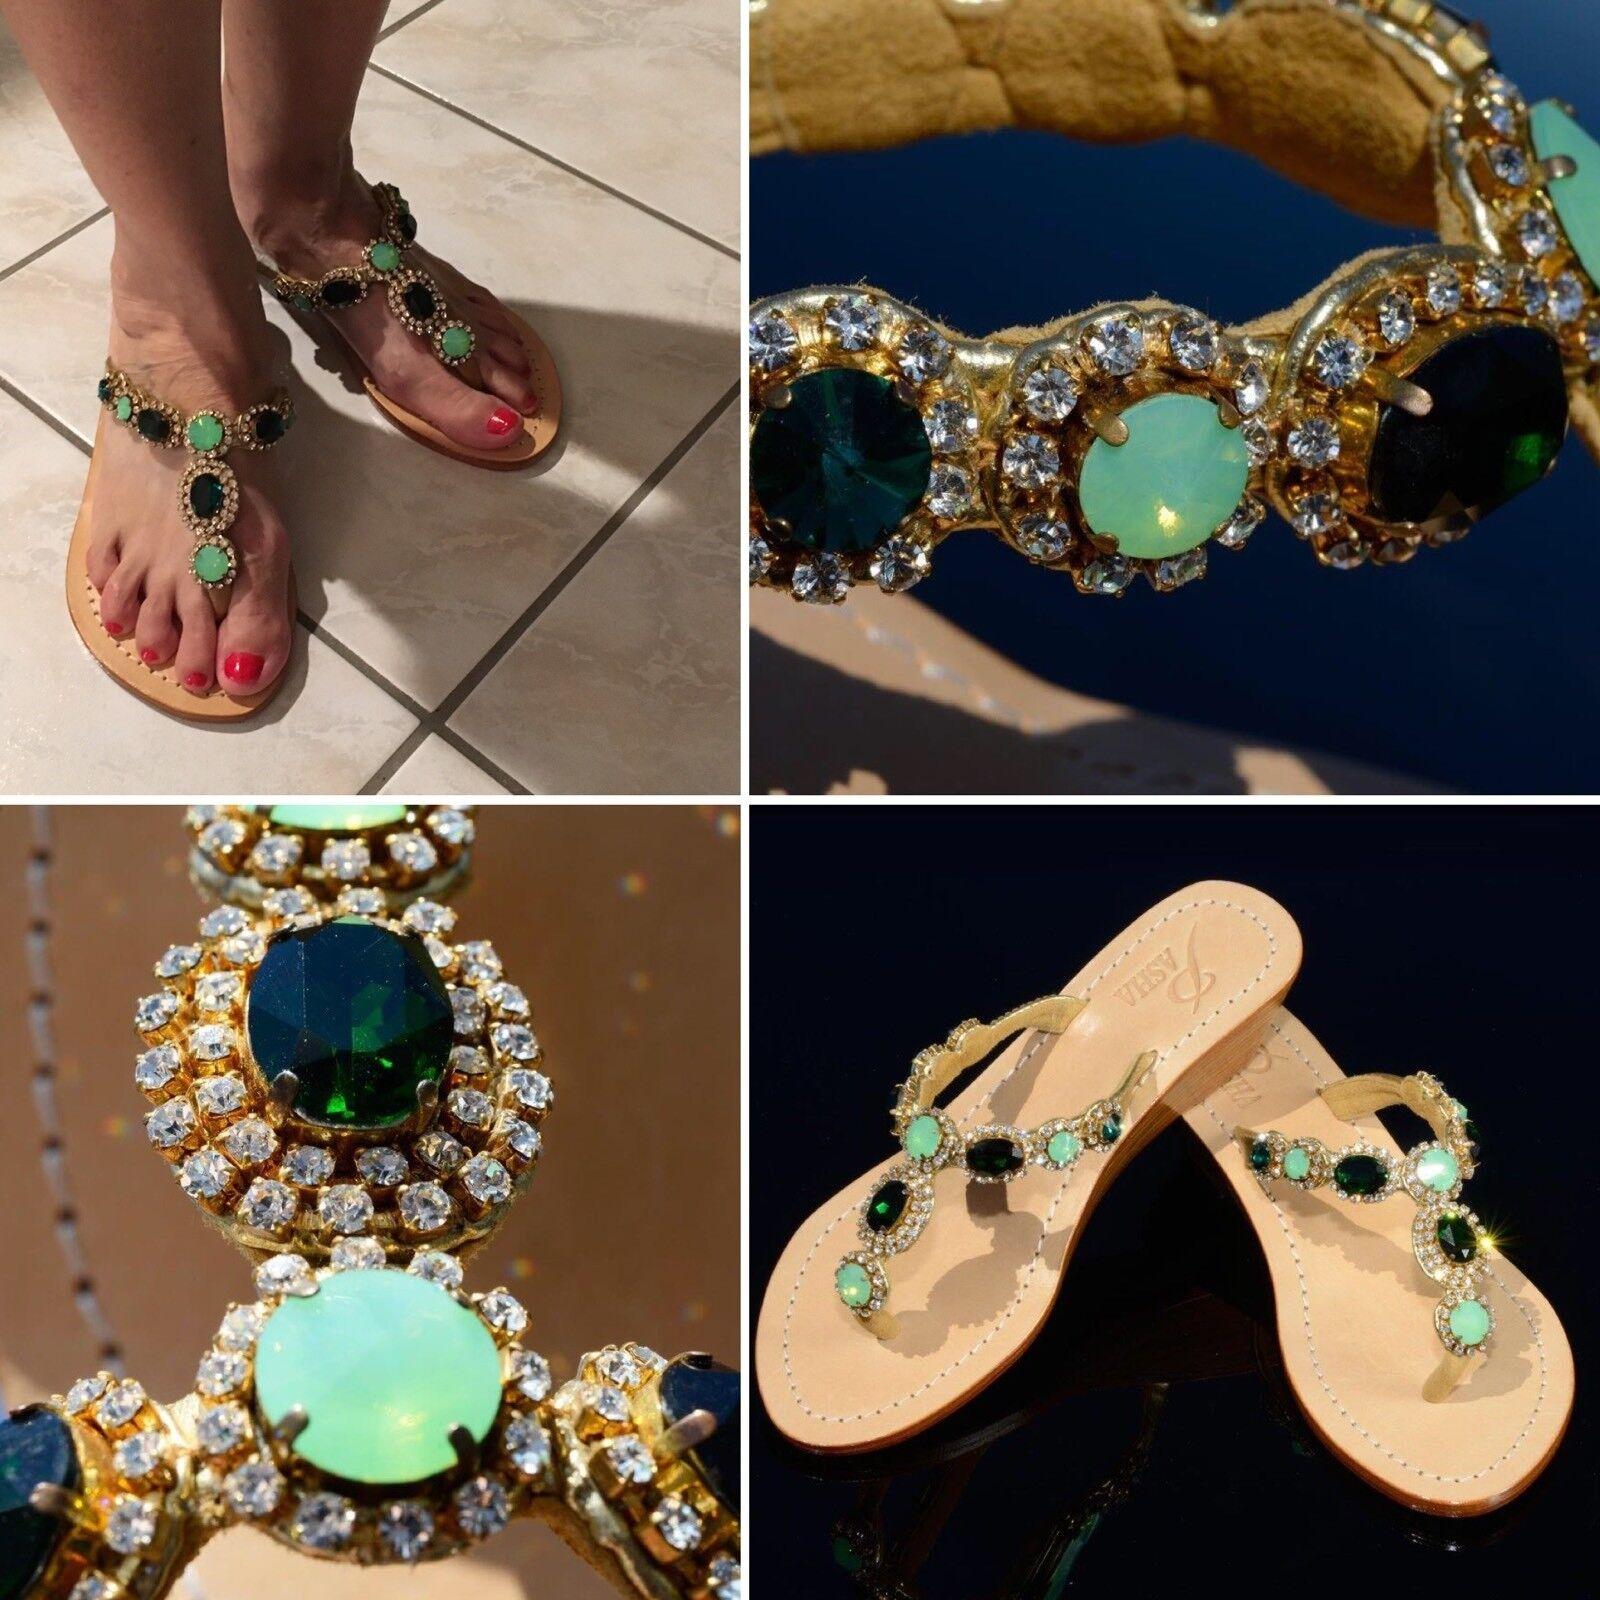 Zapatos Zapatos Zapatos de Cuero Genuino Joyas Hermosa Pasha, estilo Sao Paulo Esmeralda oro  connotación de lujo discreta